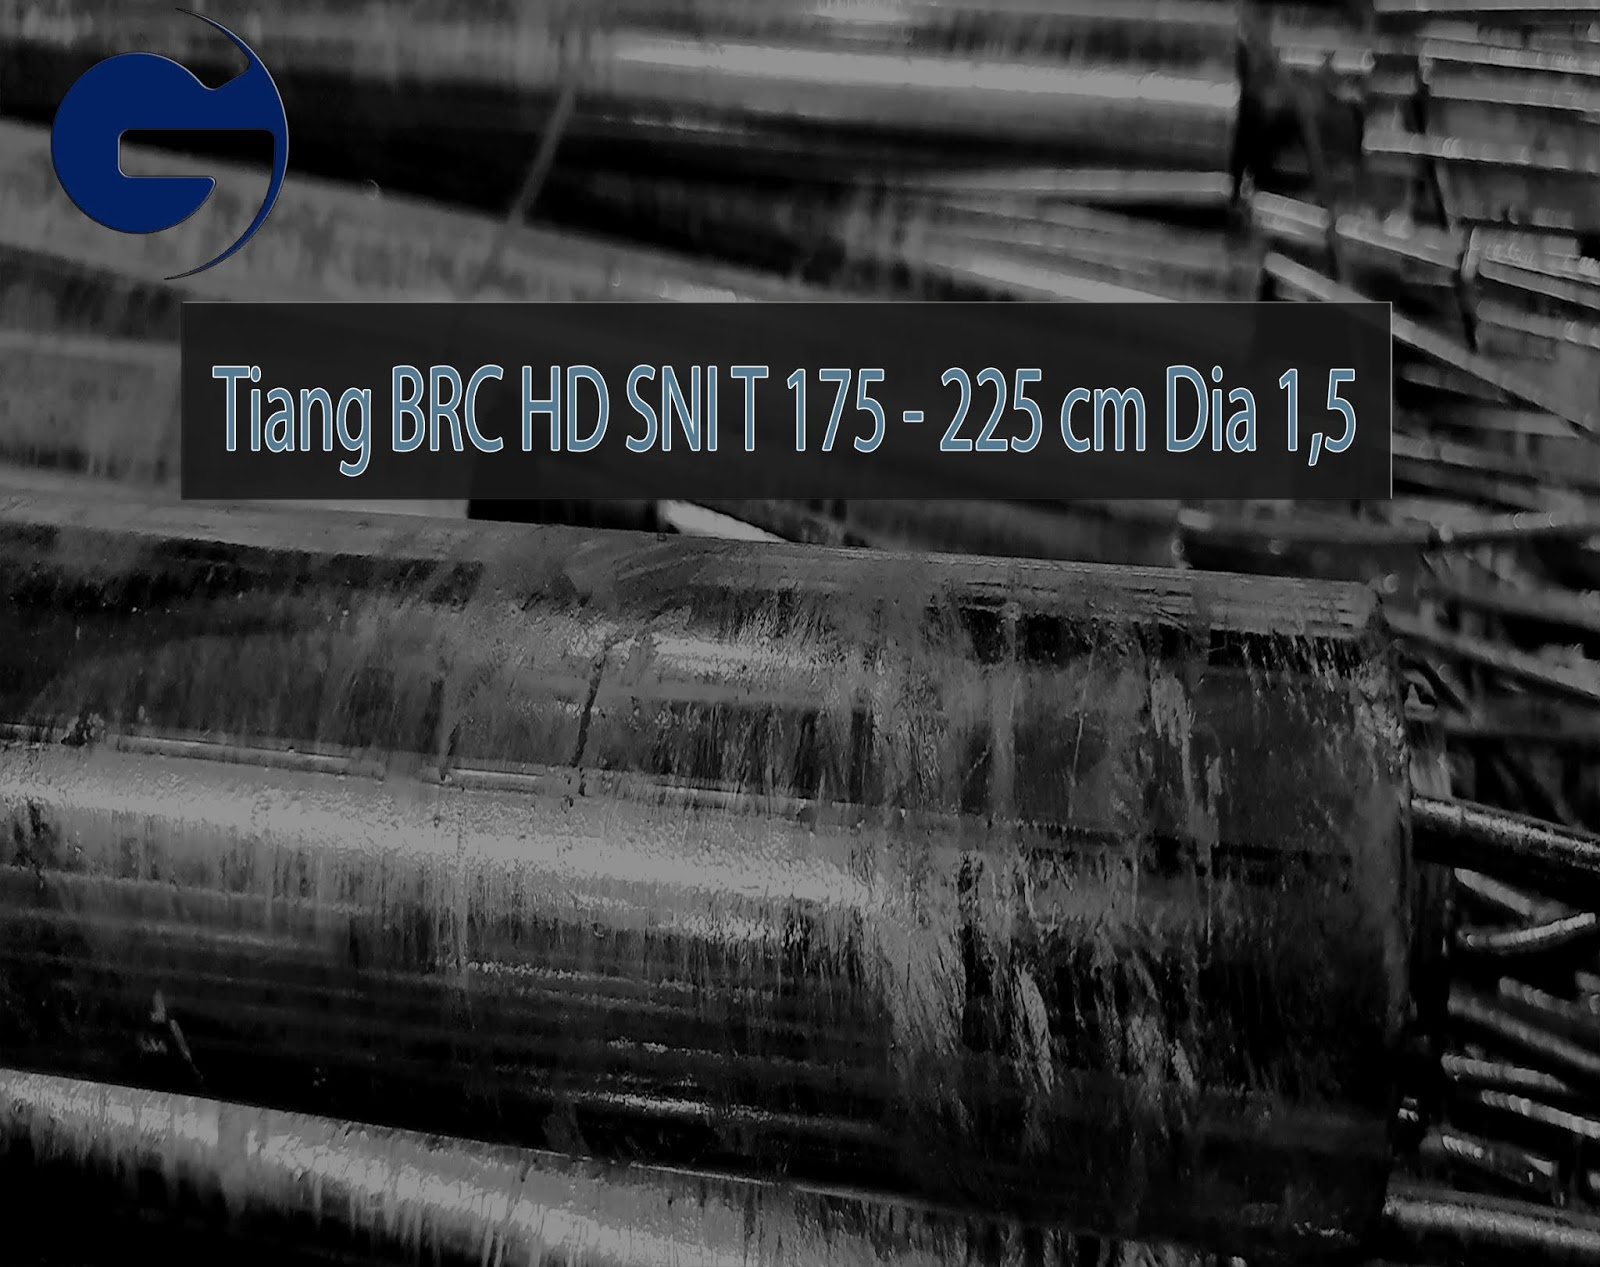 Jual Tiang BRC HDG SNI T 225 CM Dia 1,5 Inch